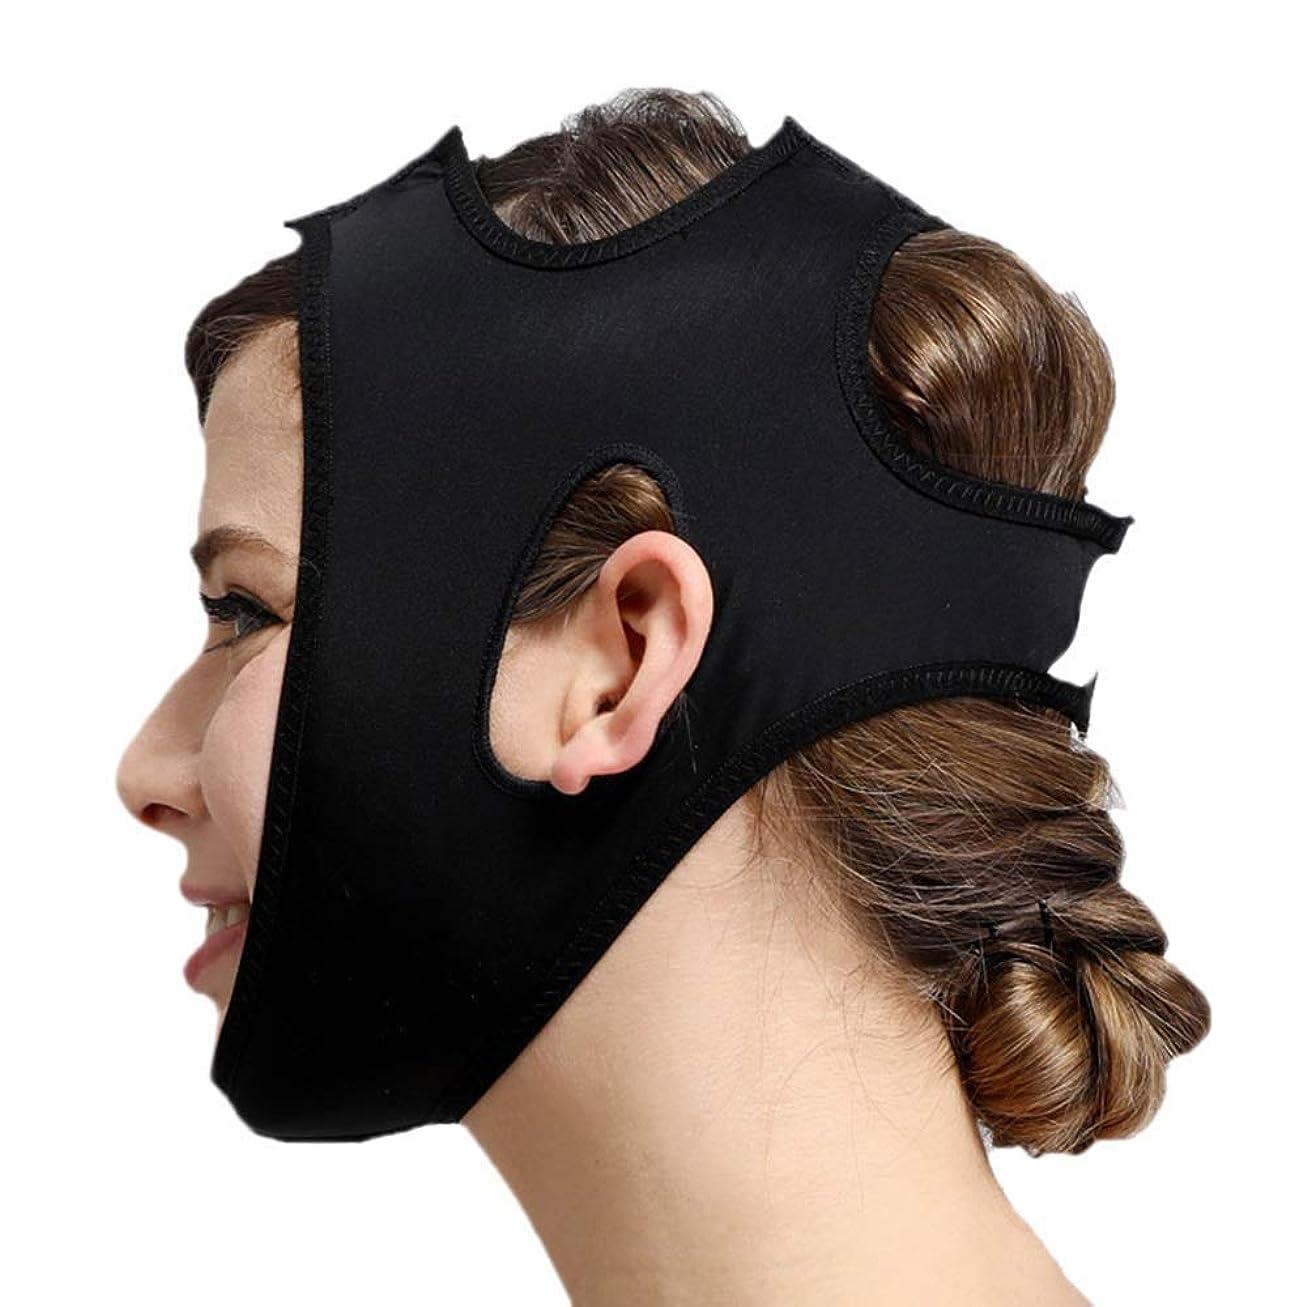 無効バリア資本主義フェイススリミングマスク、快適さと通気性、フェイシャルリフティング、輪郭の改善された硬さ、ファーミングとリフティングフェイス(カラー:ブラック、サイズ:XL),黒、XXL